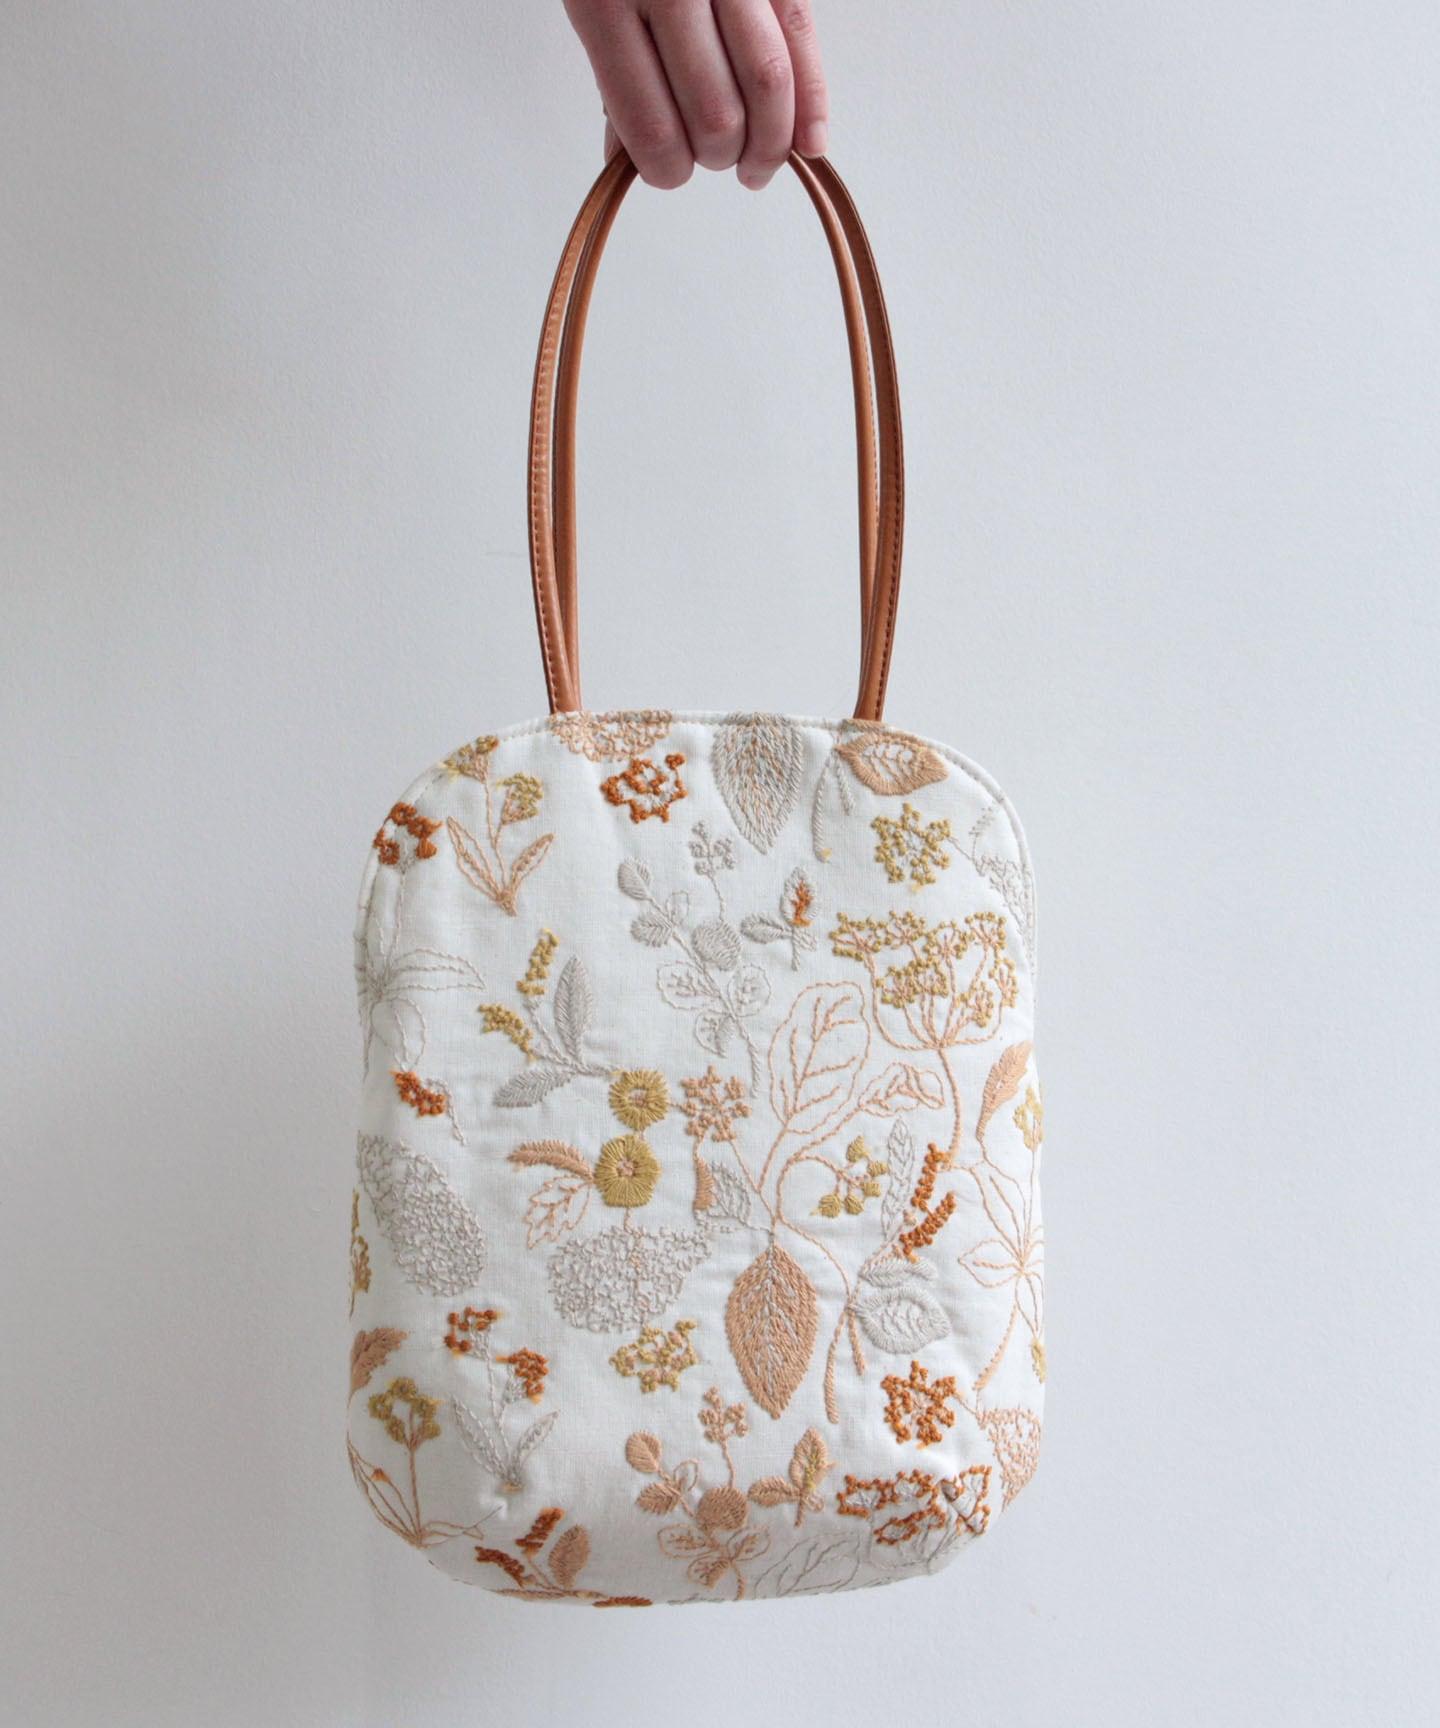 筆記帳刺繍のminiバッグ (bag001)